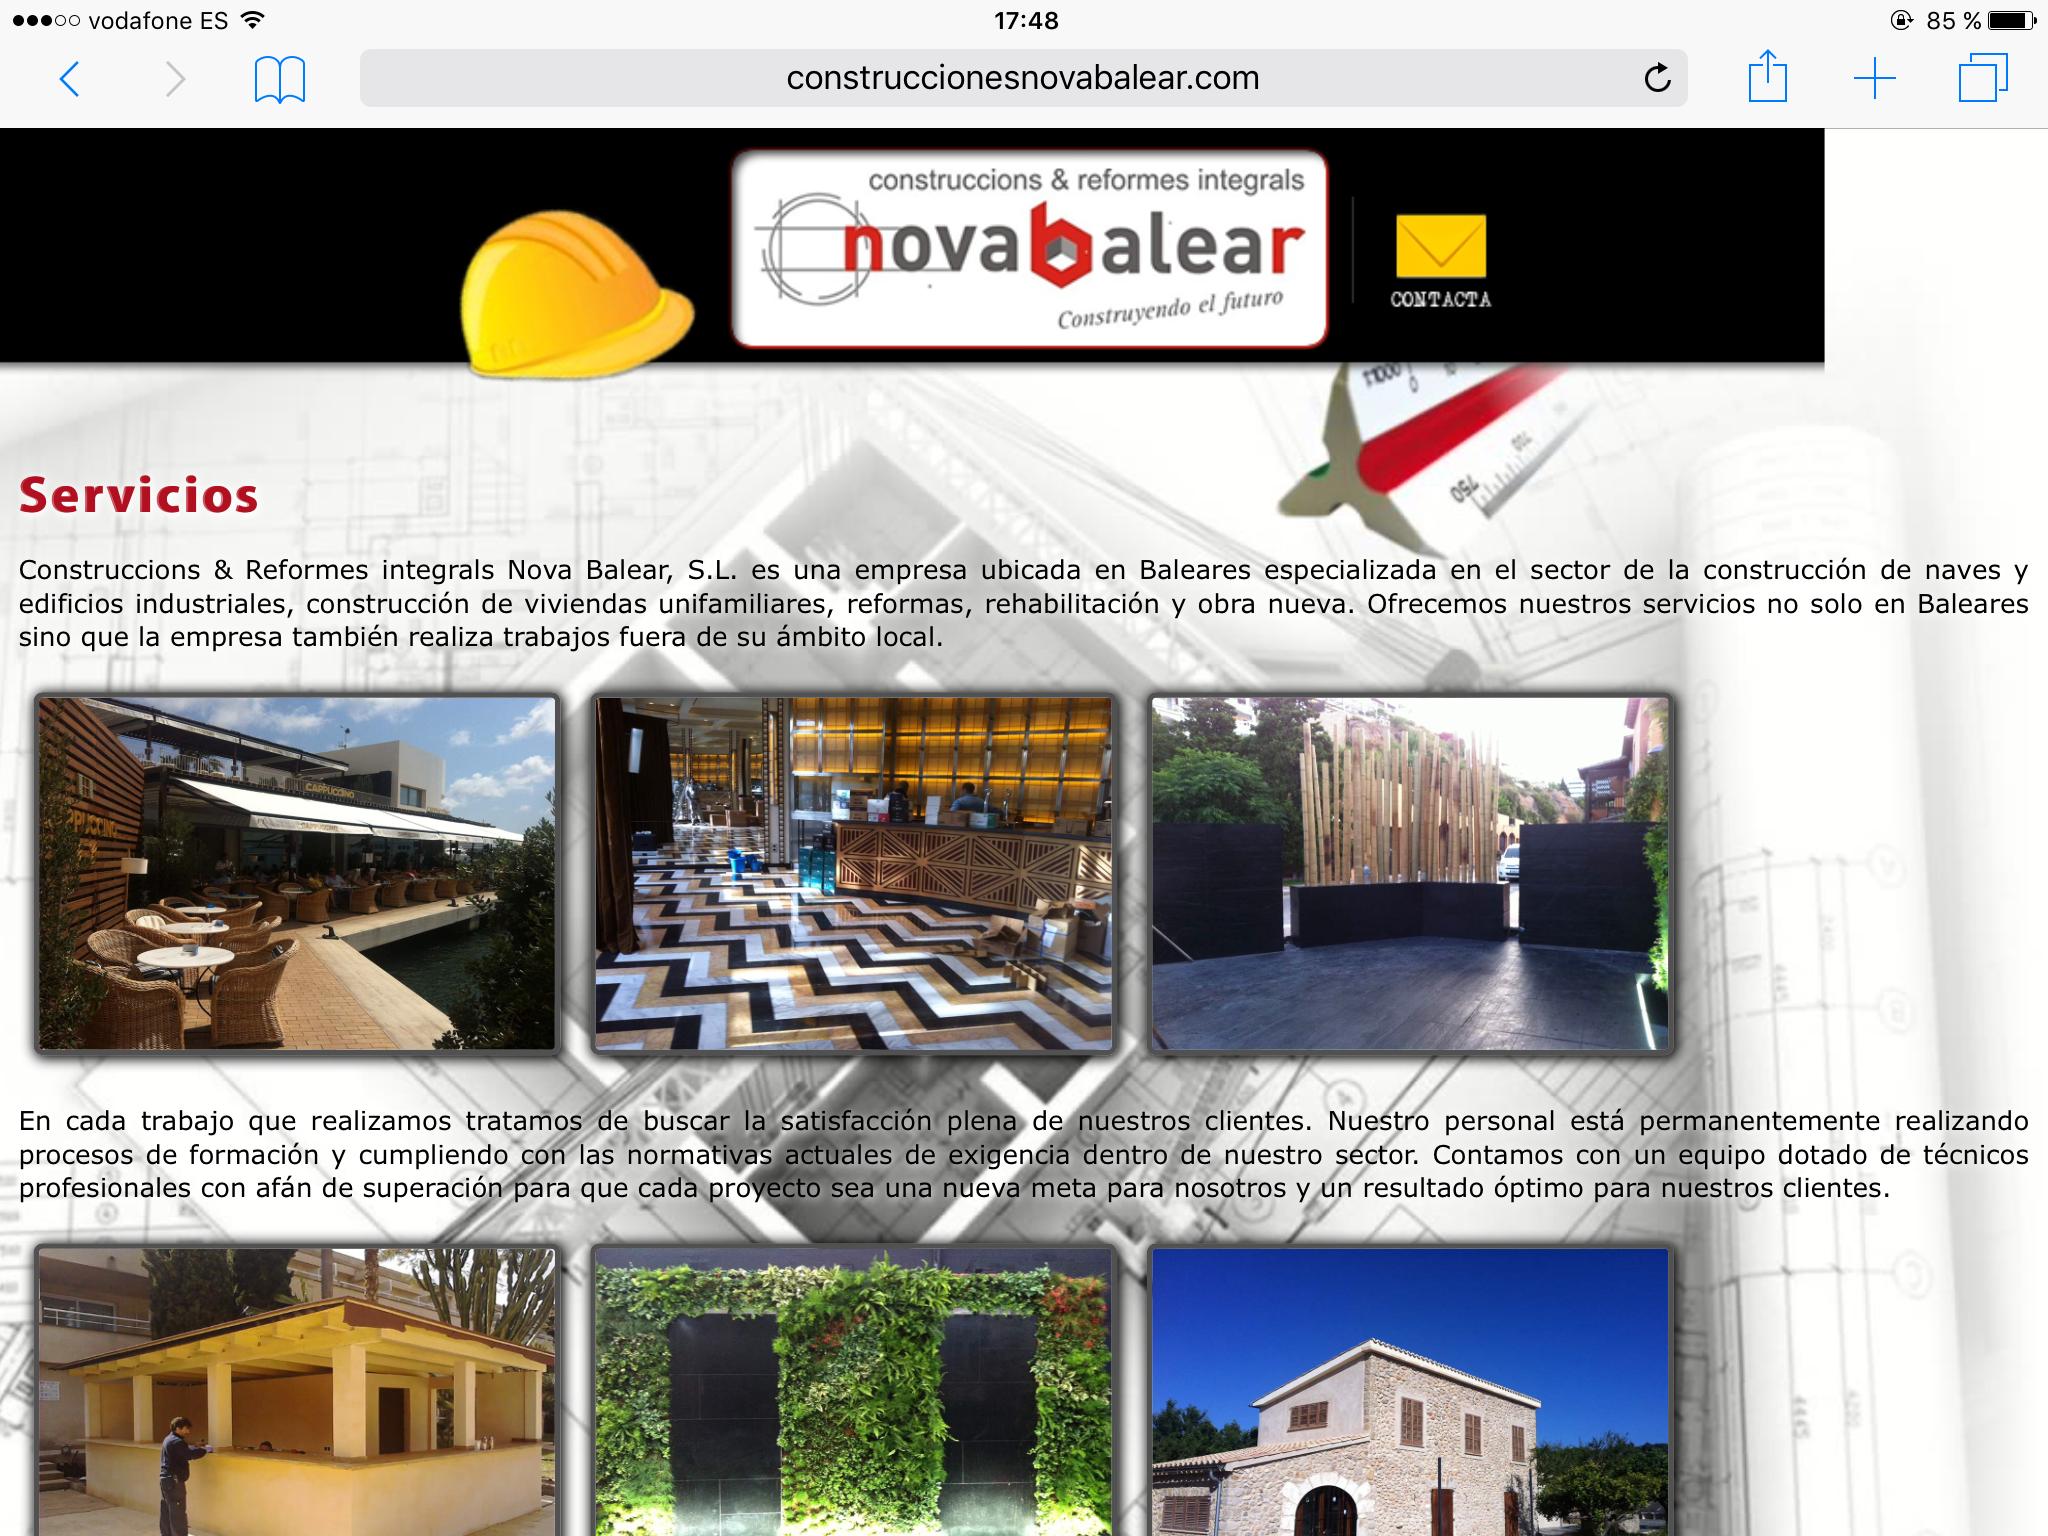 Construccións & reformes Integrals Nova Balears S.l